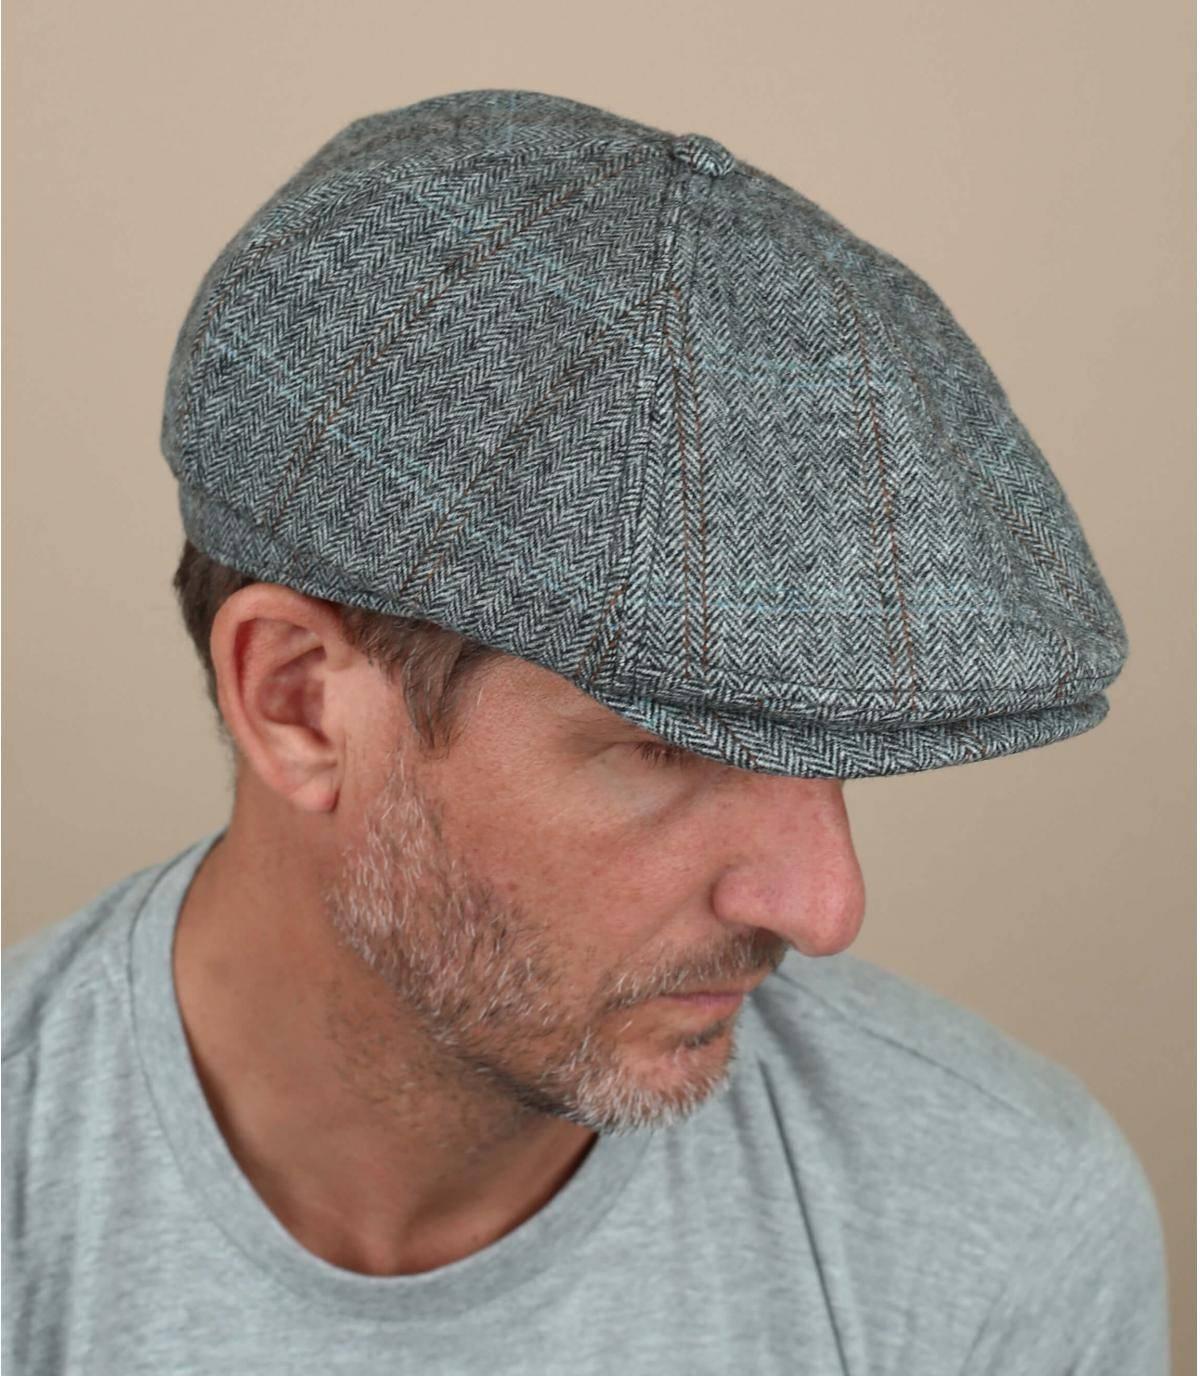 Questo cappello alla gavroche grigio offre il comfort del materiale caldo in misto lana, foderato con tessuto di raso. Il discreto motivo a quadri è facile da indossare e il berretto è anche regolabile.